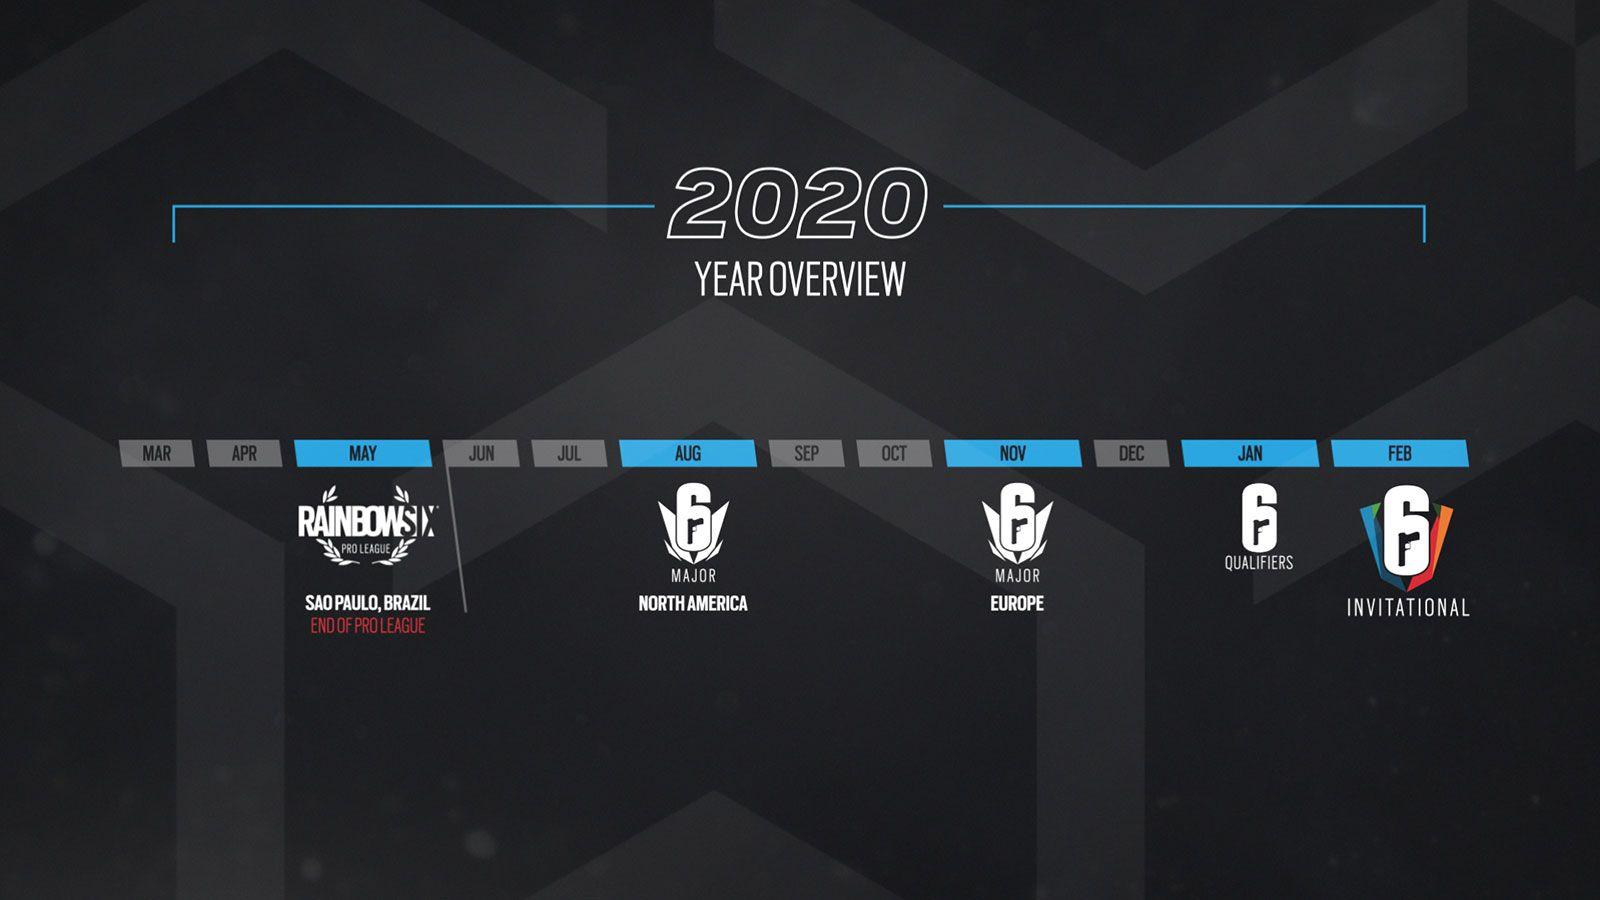 R6 : Nouveautés esport pour 2020 et 2021, l'année 5 et 6 du jeu